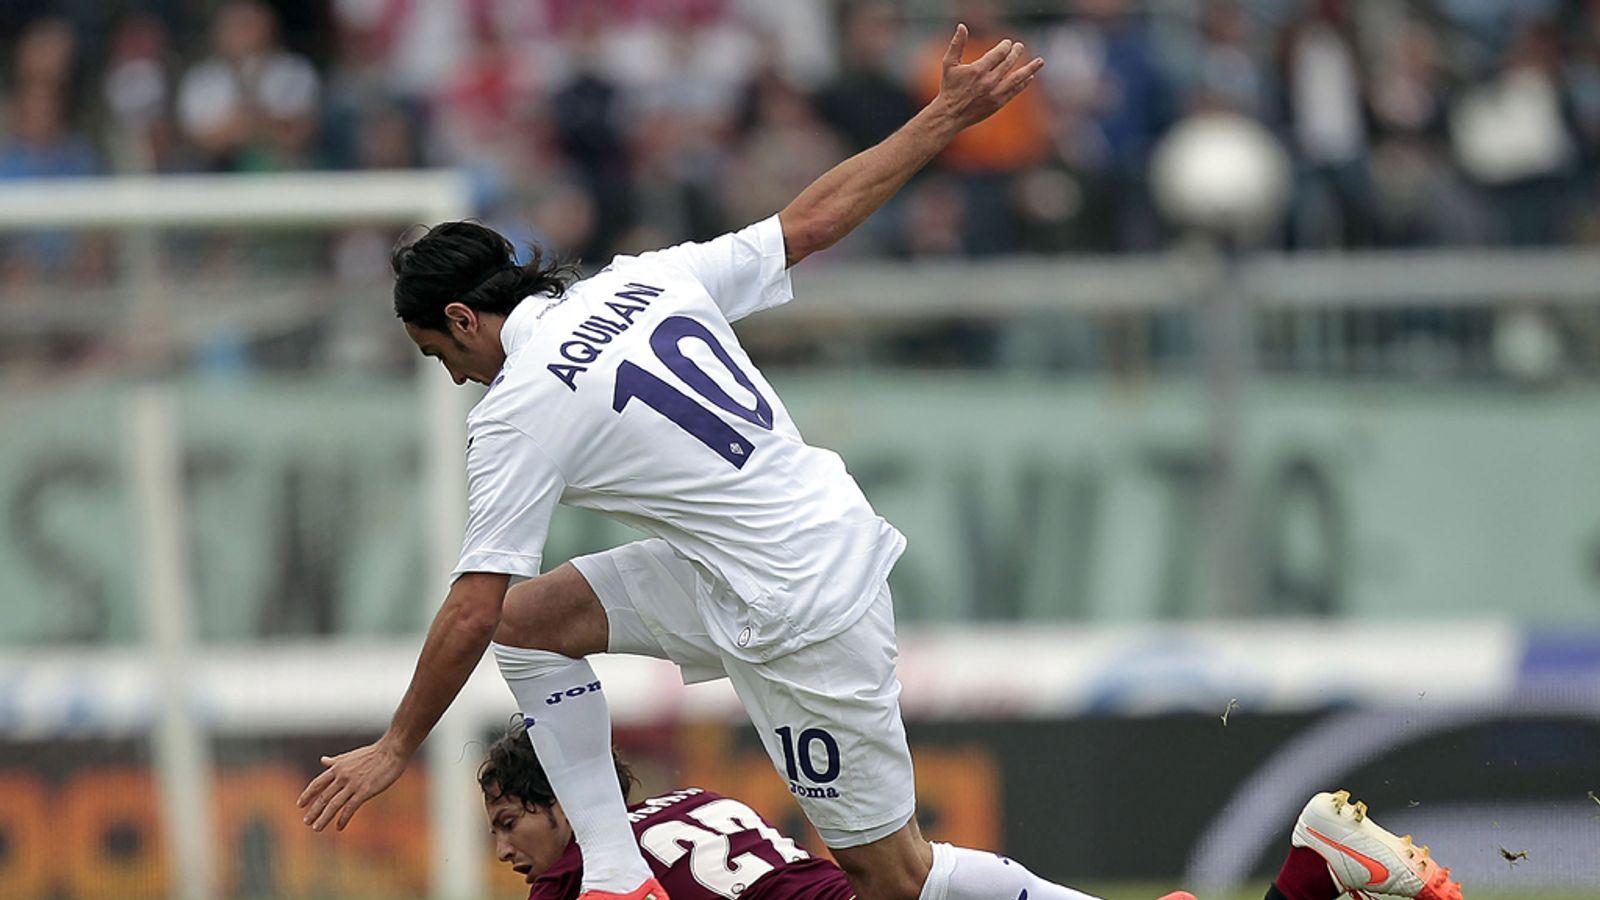 Livorno 0 - 1 Fiorentina - Match Report & Highlights